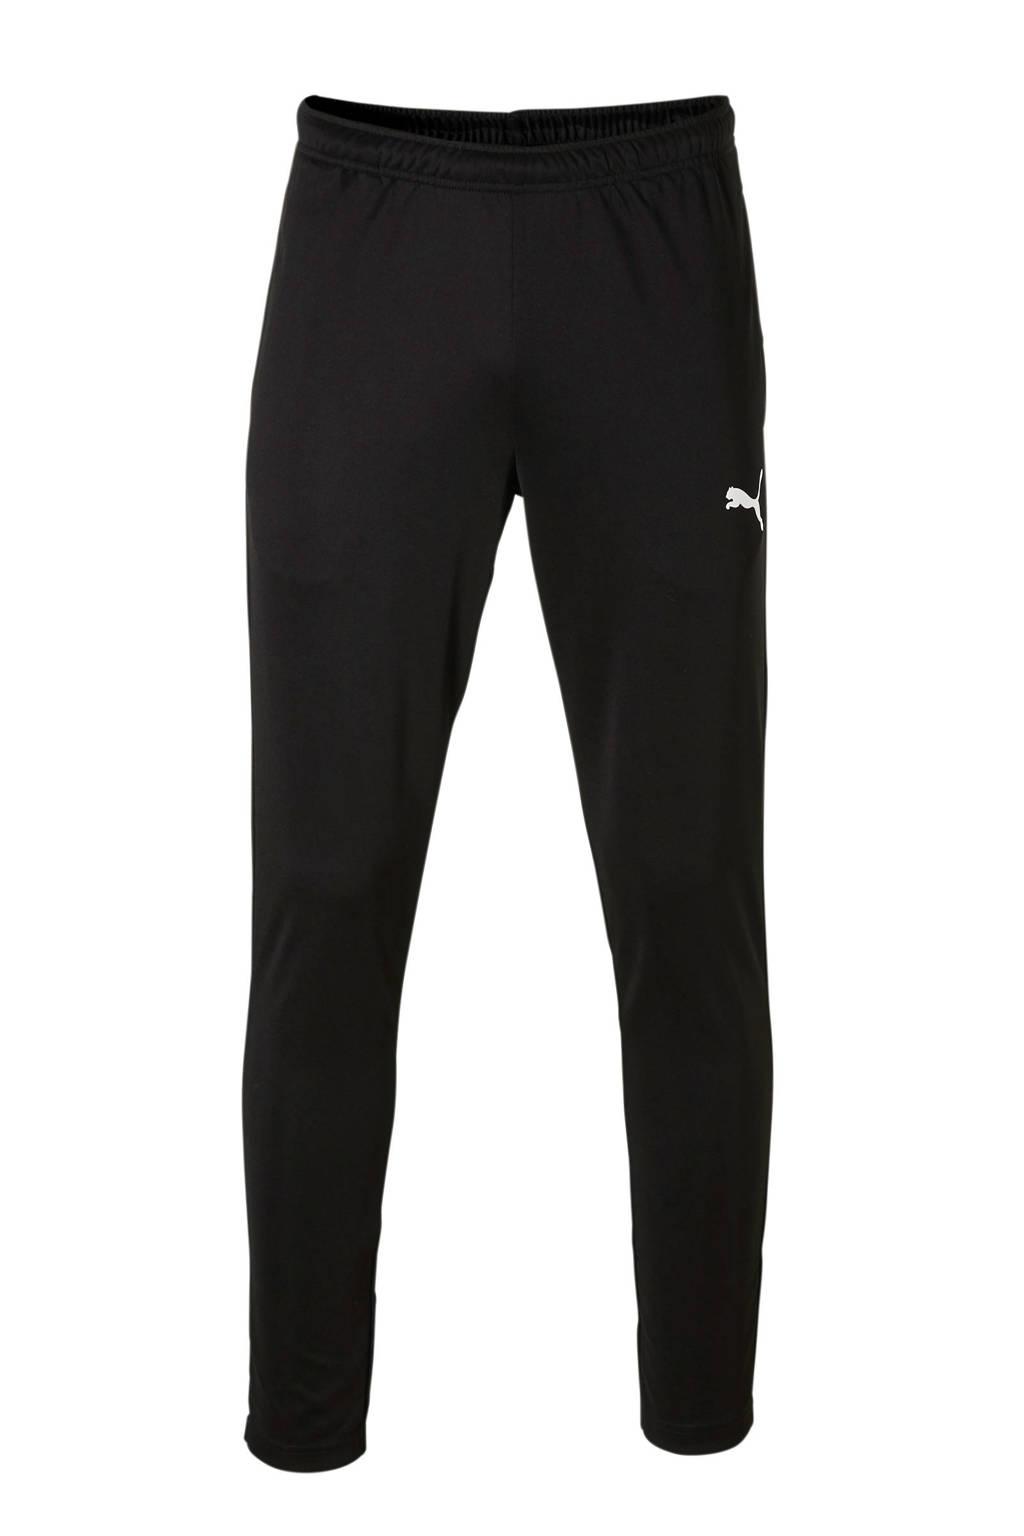 Puma   trainingsbroek zwart, Zwart